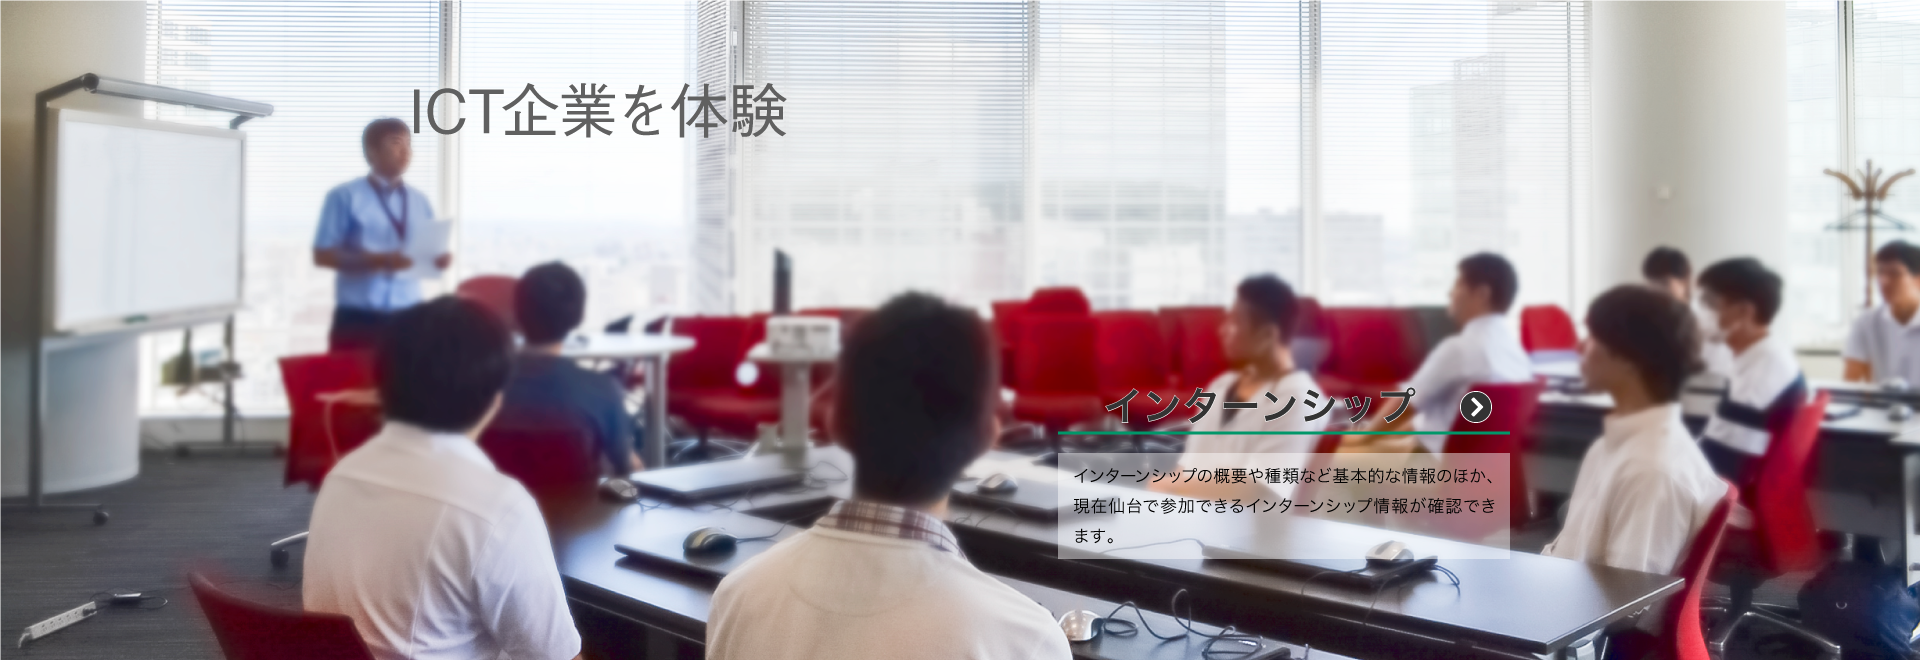 ICT企業を体験